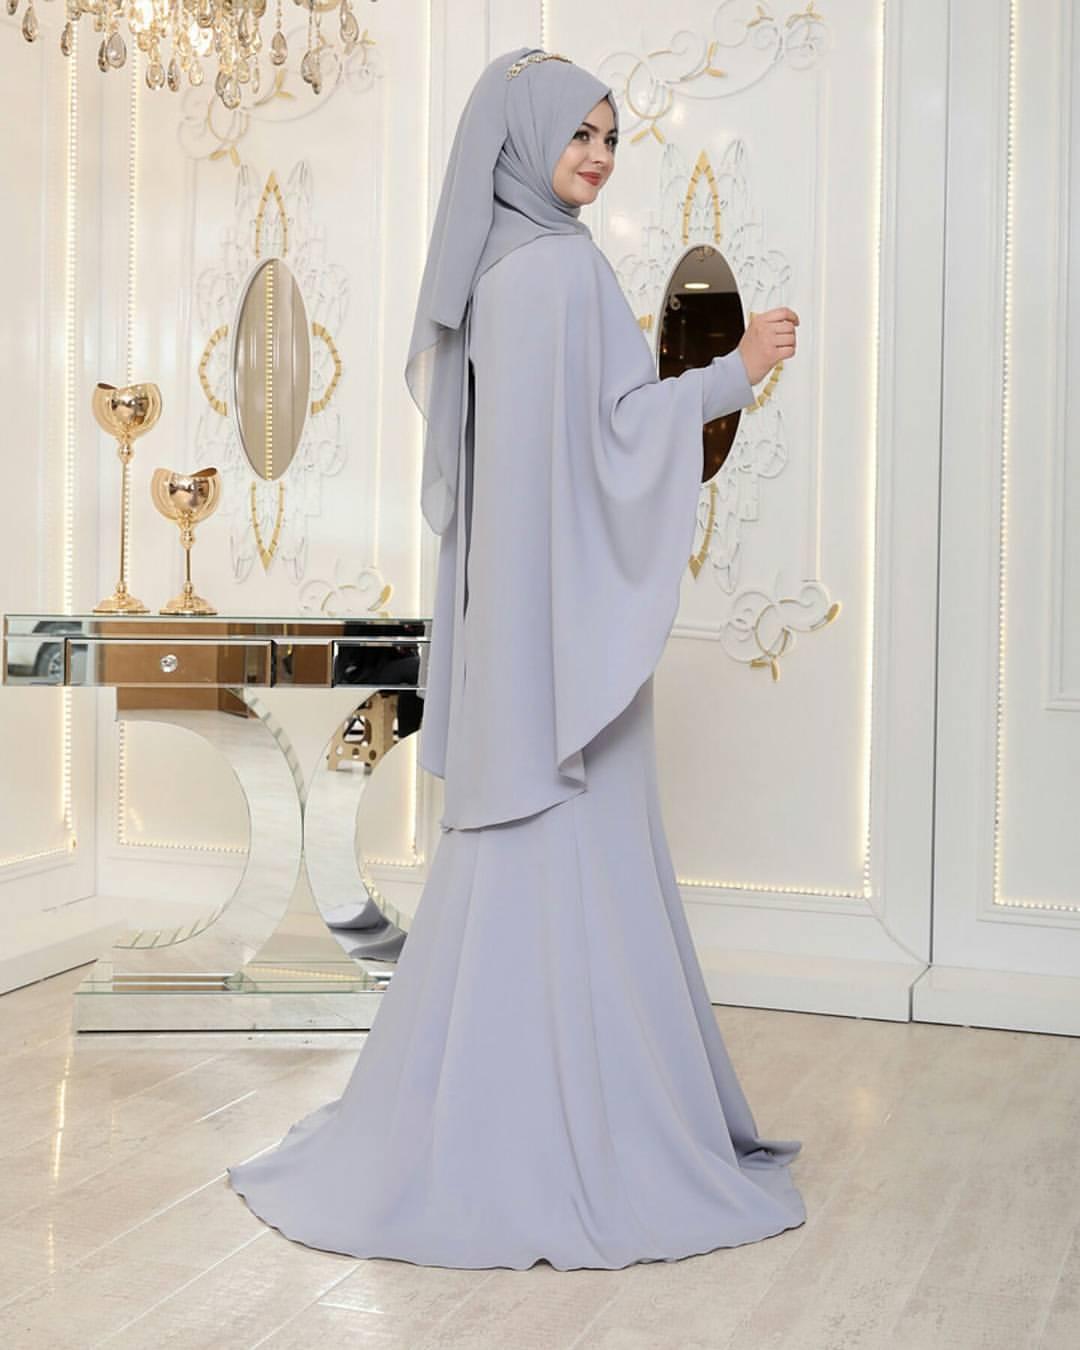 Pinarsems Abiye Modelleri 26 - 2018 Pınar Şems Abiye Modelleri